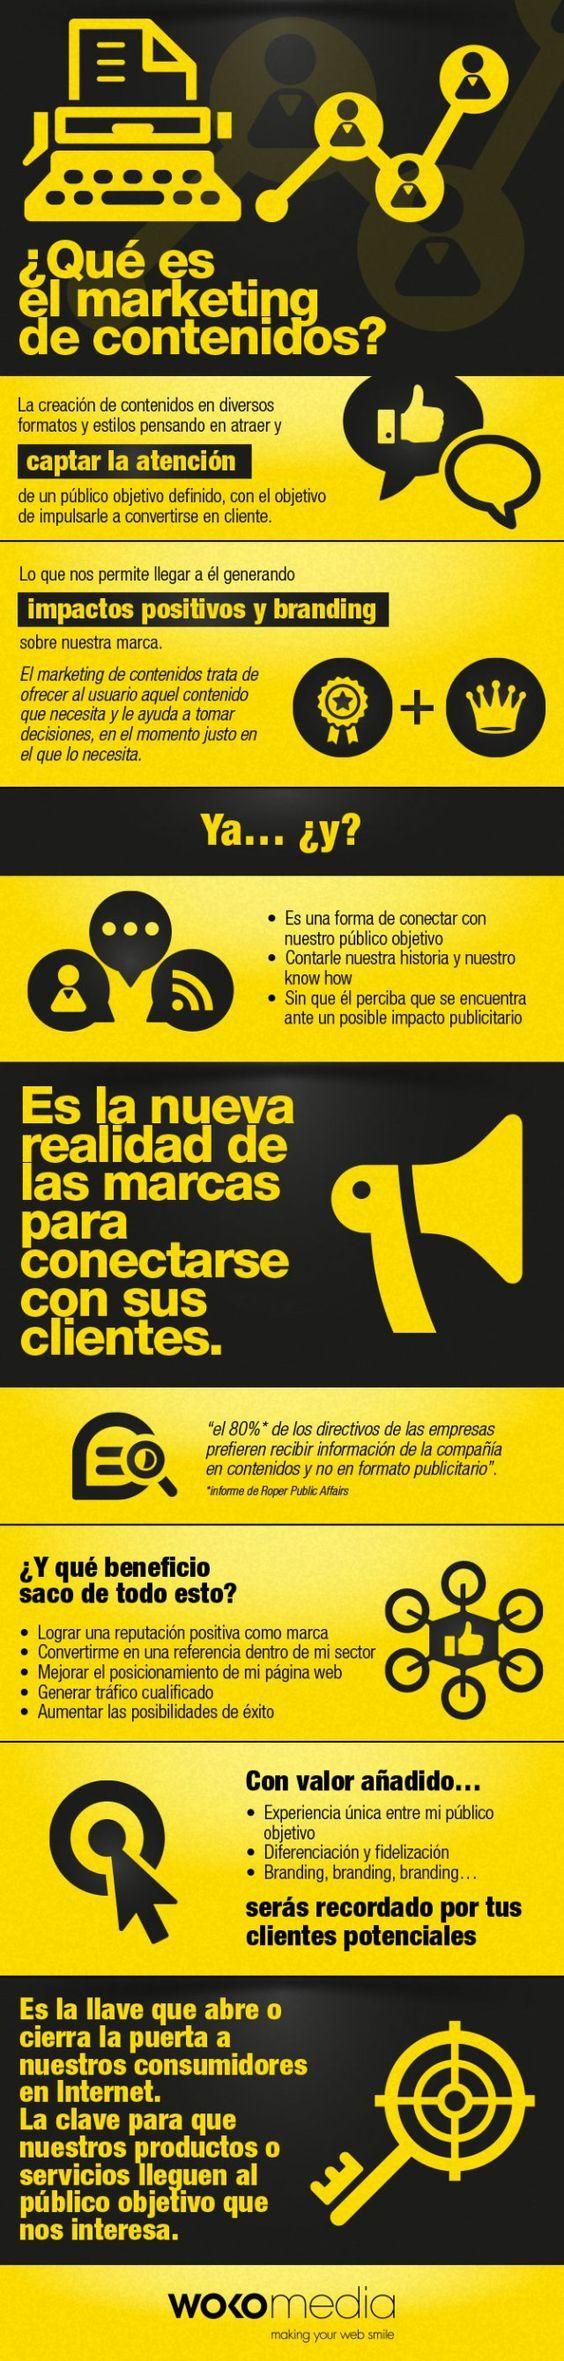 Qué es el marketing contenidos #SocialMedia #ContentMarketing